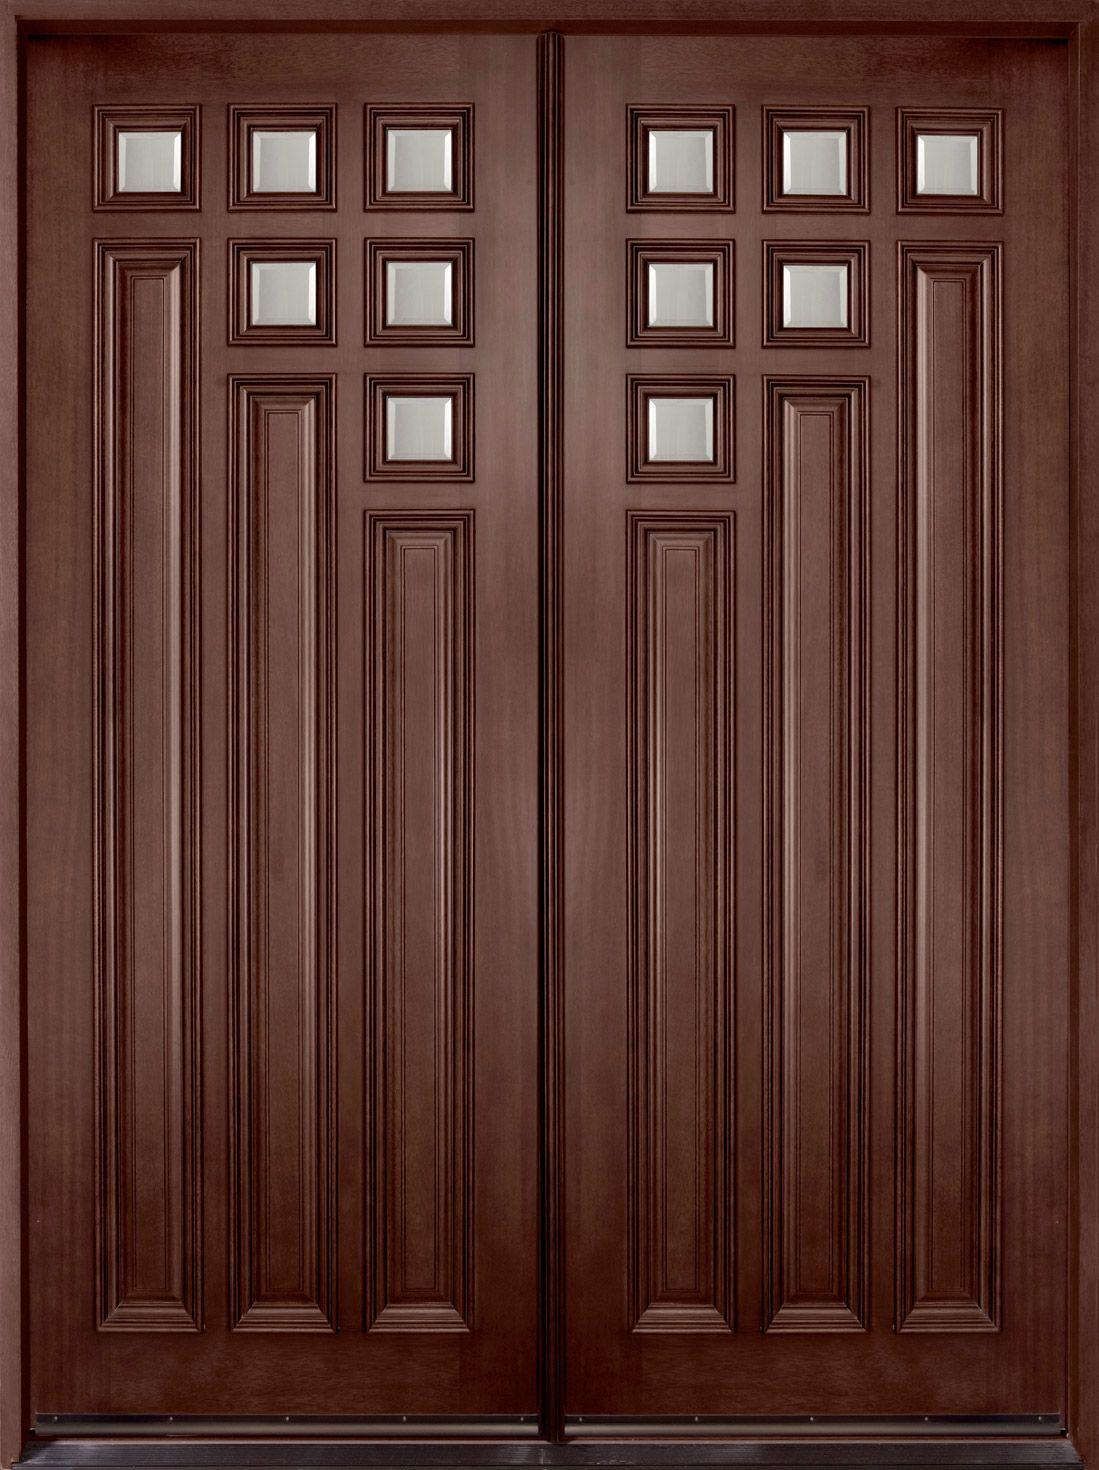 Wooden Double Door Designs For Houses Modern Front Double Door Designs For Houses Front Doo Entry Door Designs Wooden Double Doors Contemporary Exterior Doors